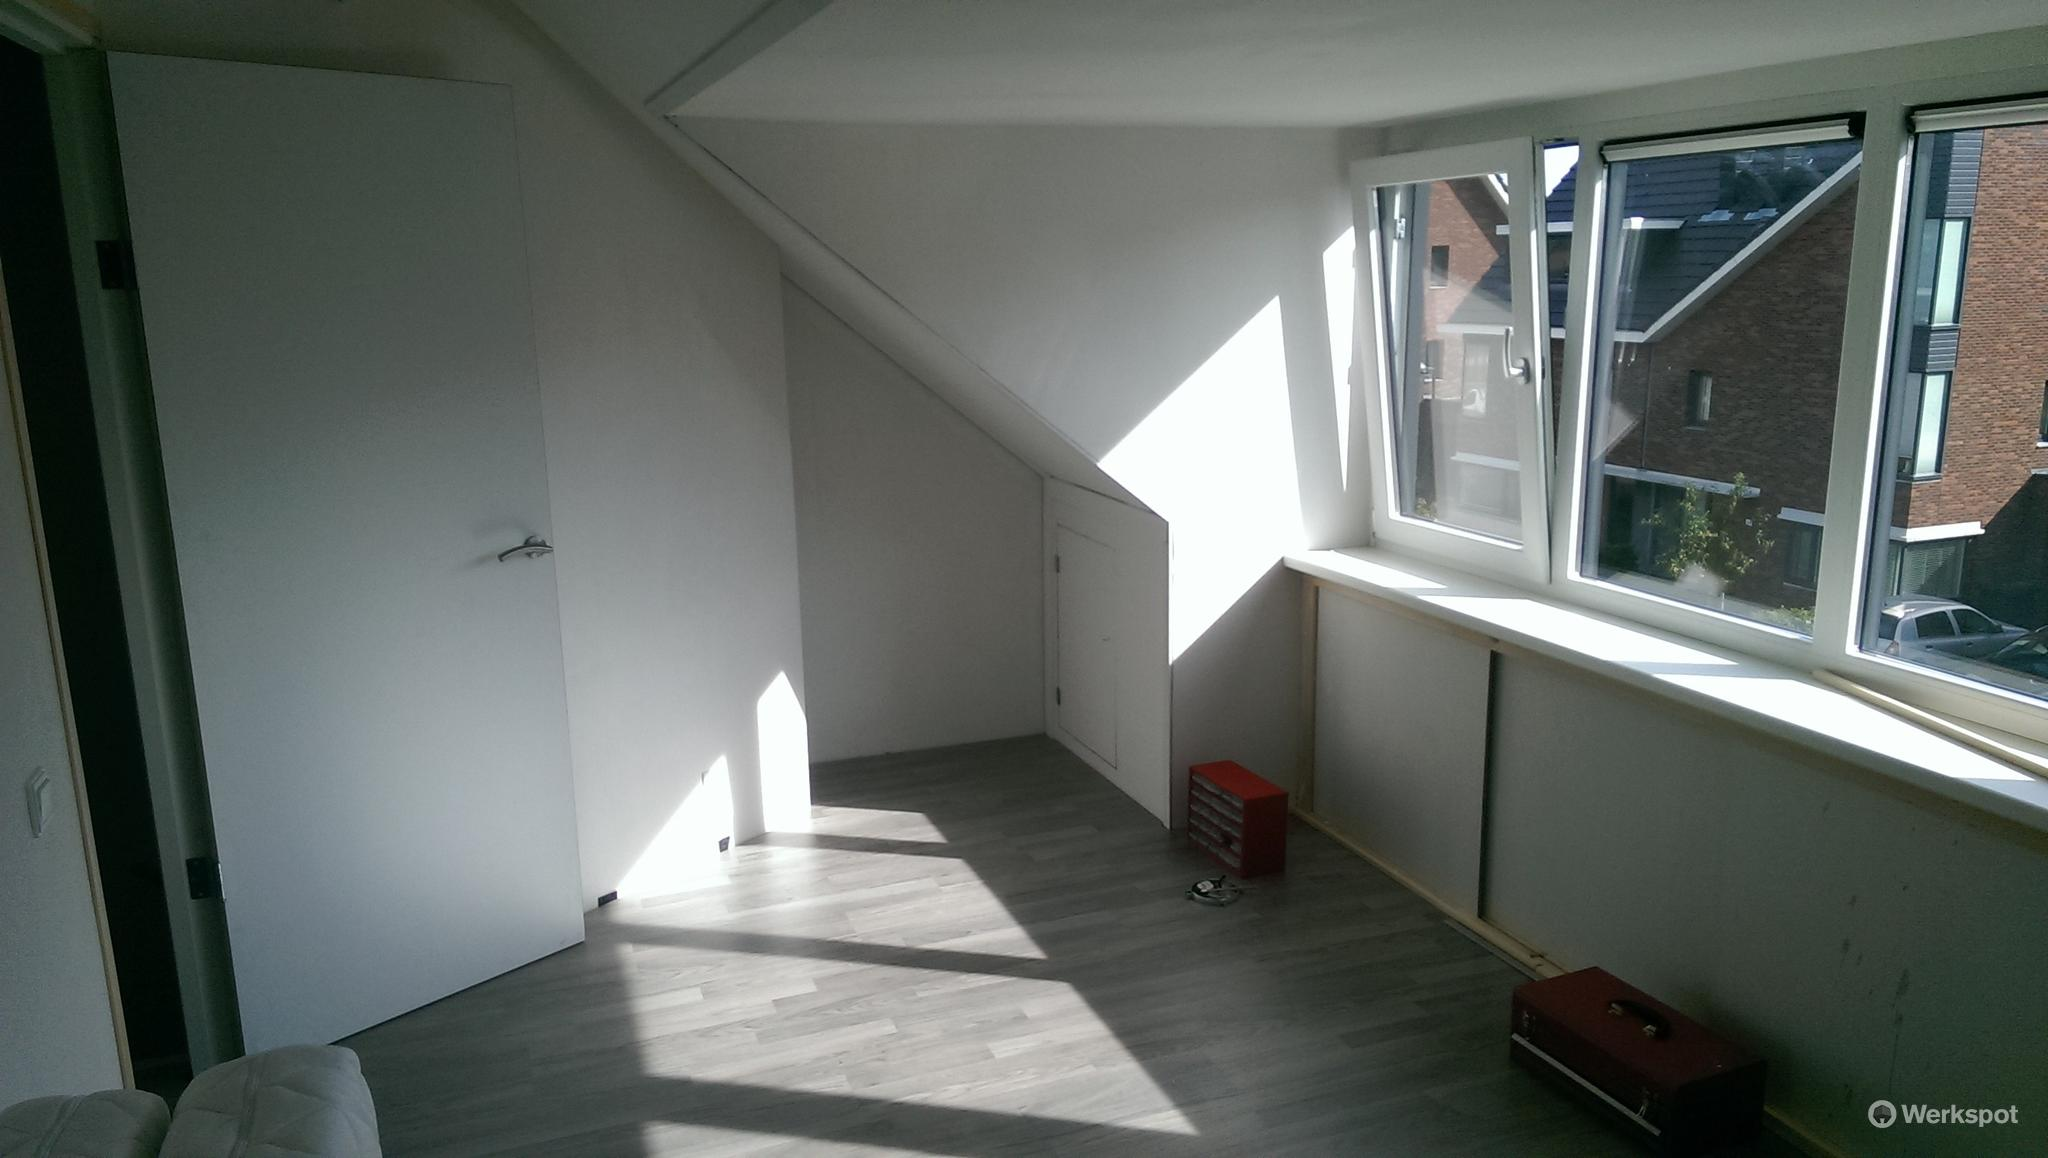 Vliering met vlizotrap van n zolder 3 kamers maken en een vloer werkspot - Furbishing een kamer op de zolder ...